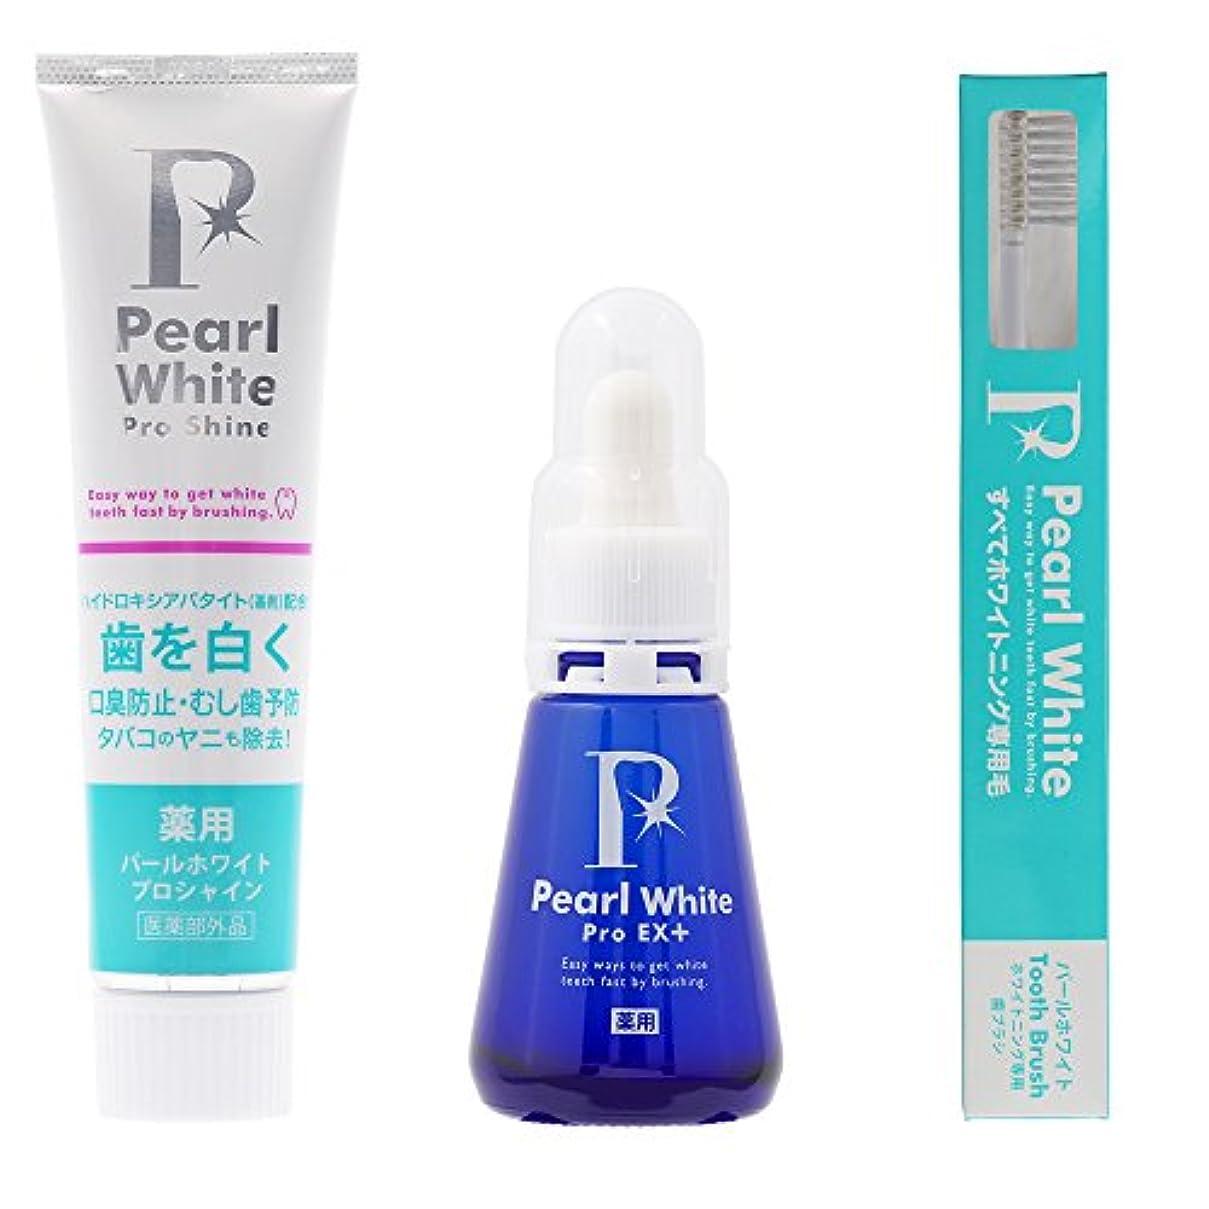 罹患率実現可能性作ります新!薬用パール ホワイト プロ EXプラス1本+シャイン120g 1本+専用歯ブラシ 限定セット ホワイトニング 口臭除去